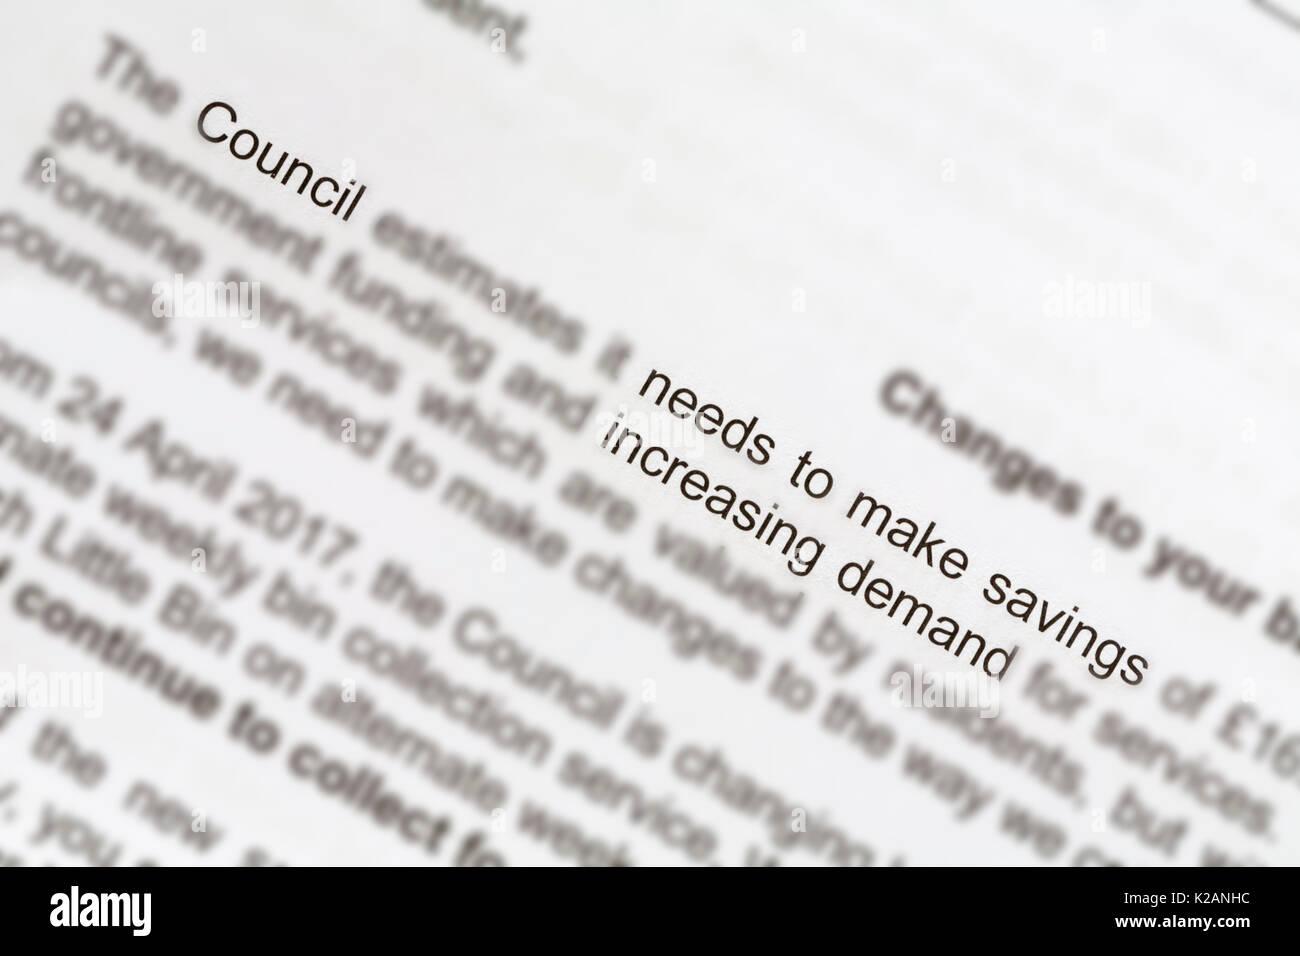 Lettre du conseiller du conseil des modifications apportées aux collections de BAC BAC tous les 15 jours des collections en raison des compressions dans le financement gouvernemental et augmentation de la demande Photo Stock